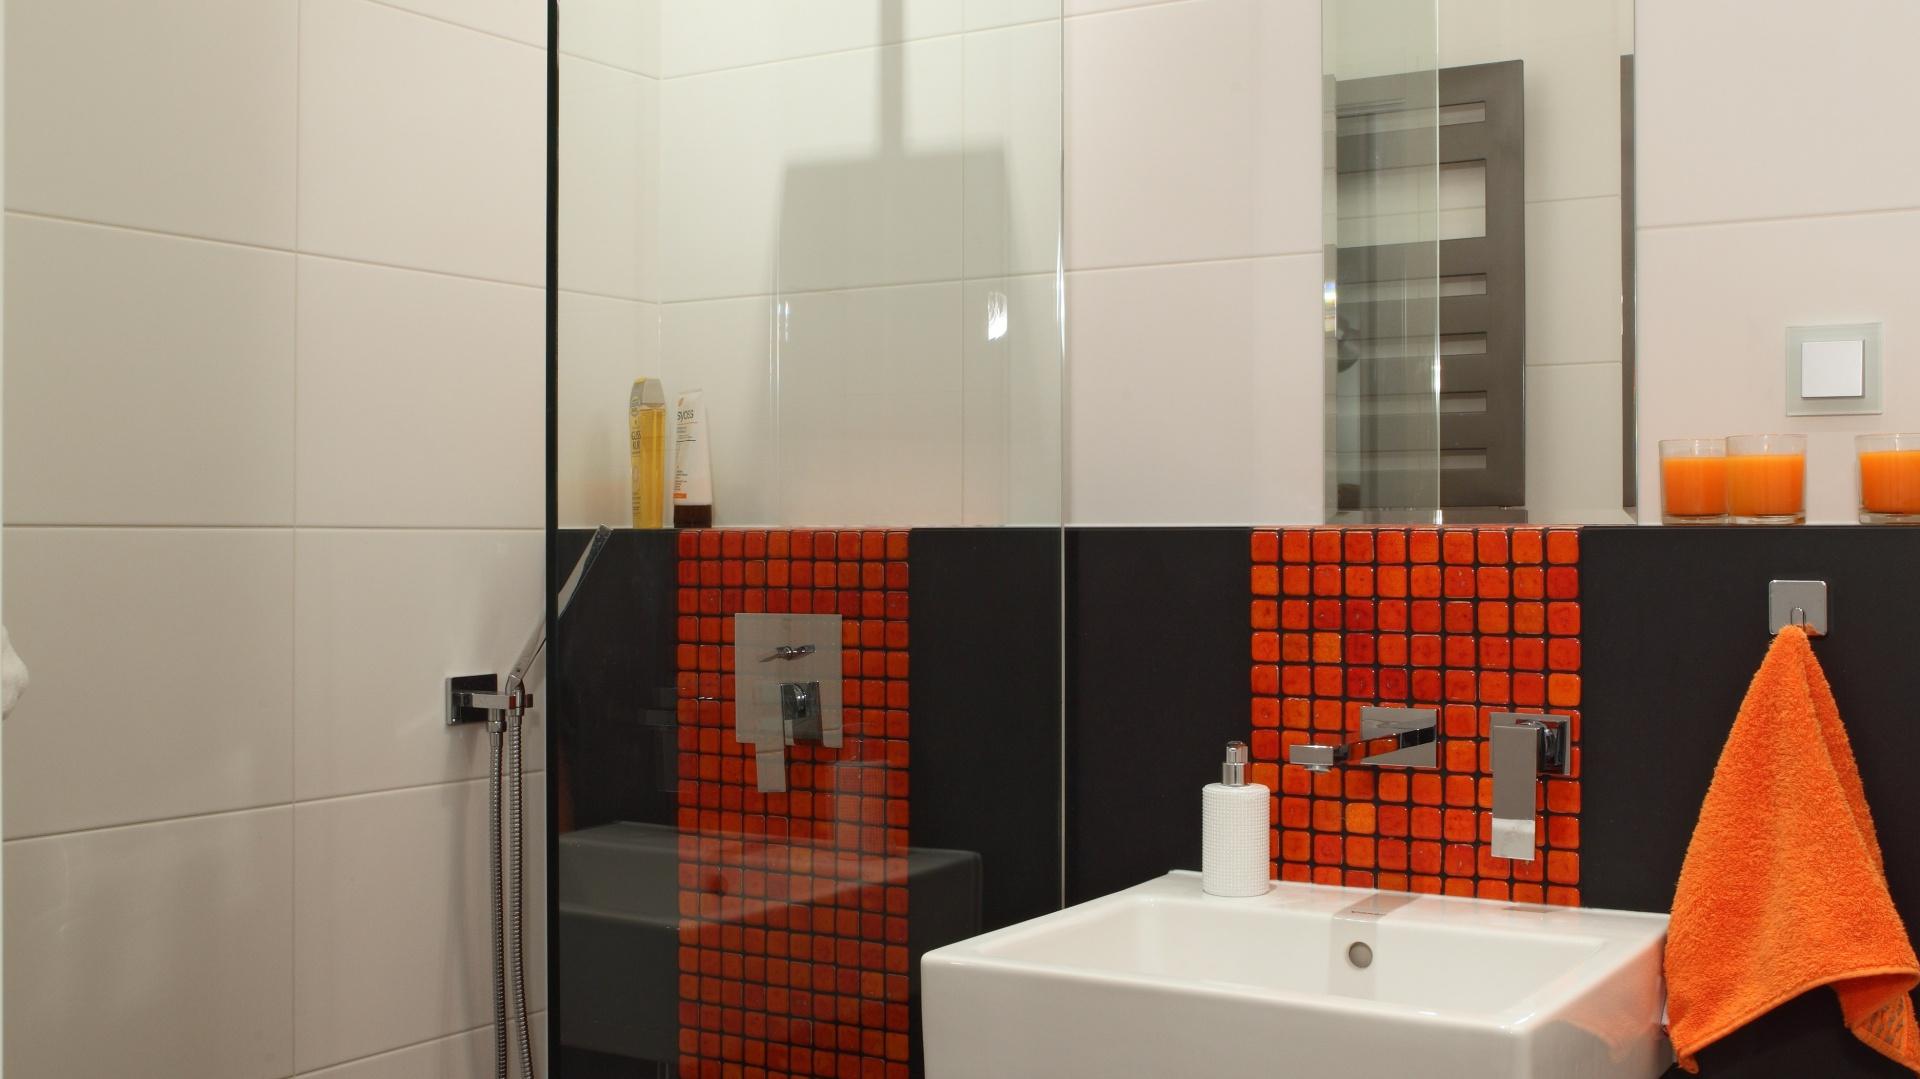 Sposobem na funkcjonalne wykorzystanie przestrzeni jest otwarta wnęka prysznicowa z odpływem w posadzce. Prysznic od reszty pomieszczenia oddziela tafla szkła, przez co łazienka wygląda przestronnie. Powierzchnia:  3,5 m kw. projekt: Michał Mikołajczak. Fot. Monika Filipiuk-Obałek.